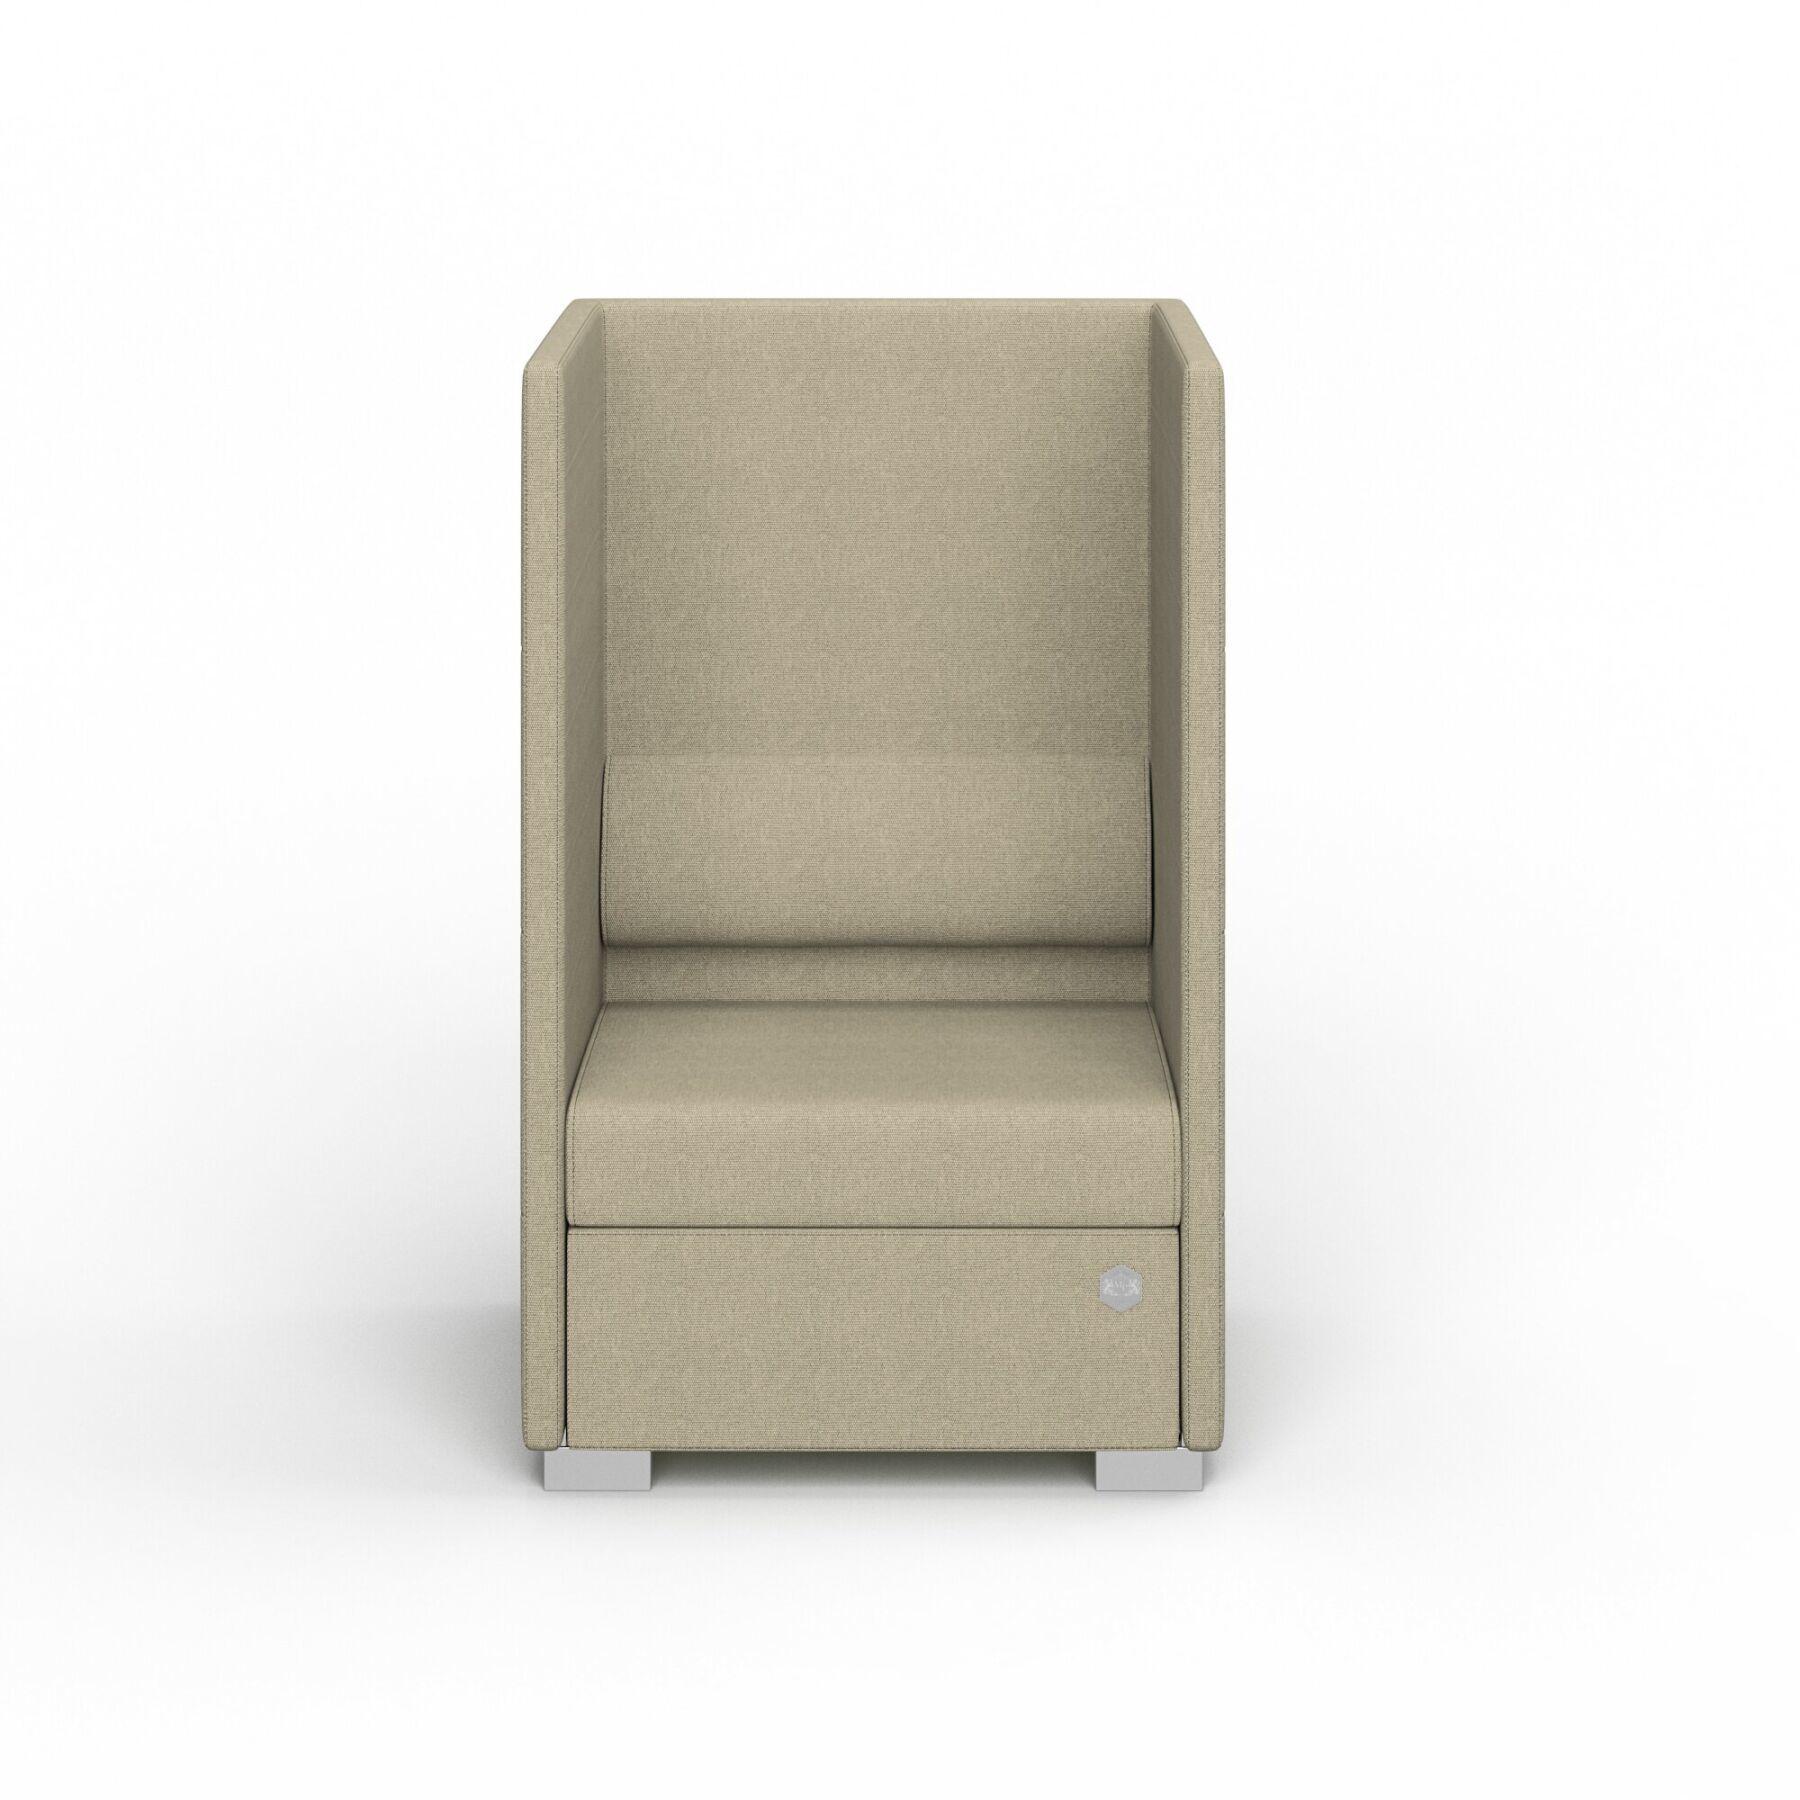 Мягкое кресло KULIK SYSTEM PRIVATE Ткань 1